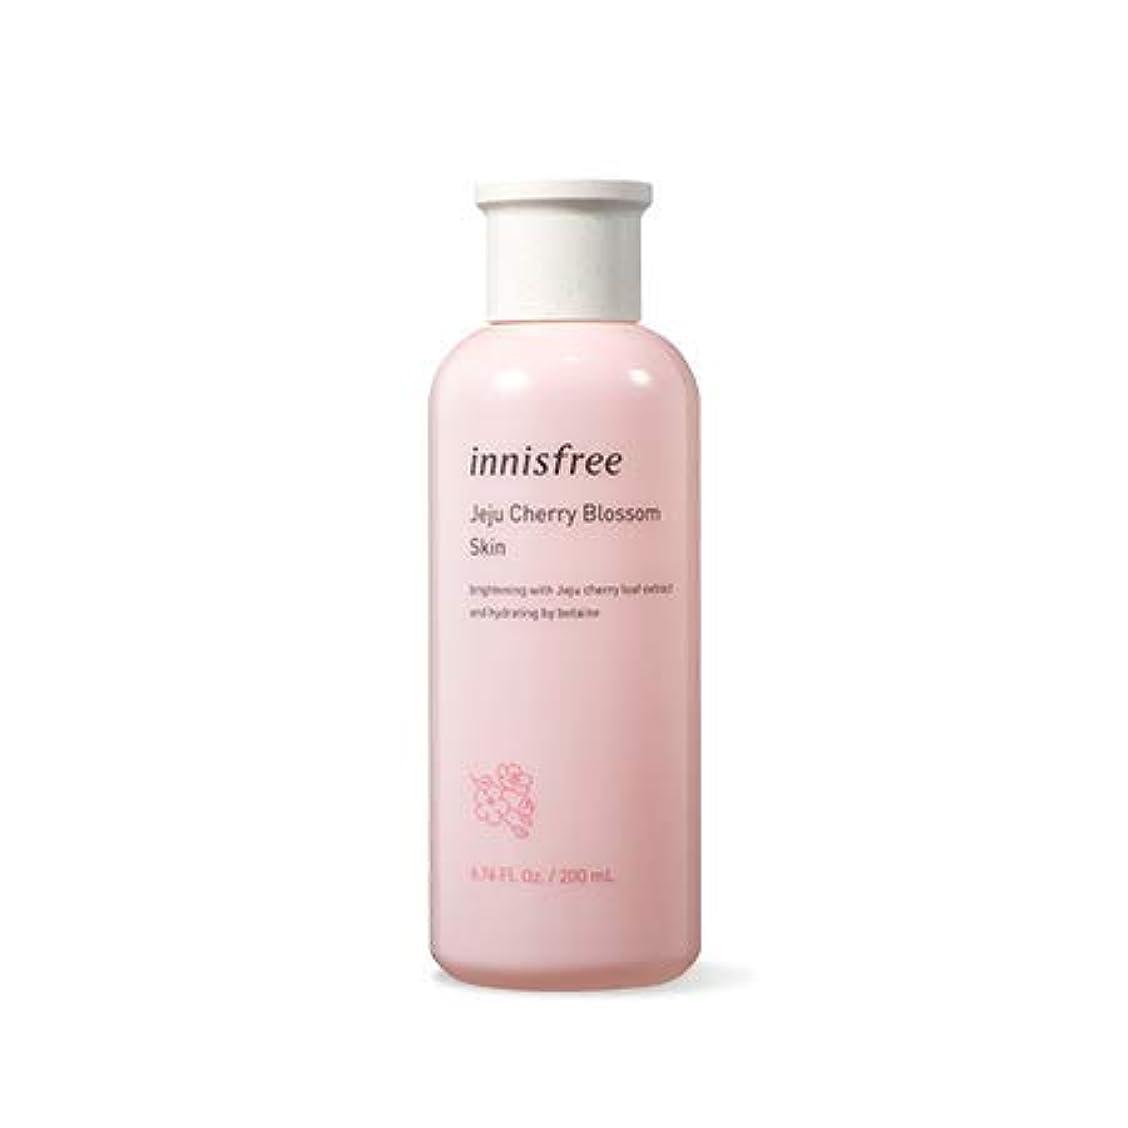 アセ理想的にはくイニスフリー 済州 チェリー ブラッサム スキン 200ml / Innisfree Jeju Cherry Blossom Skin 200ml [並行輸入品]